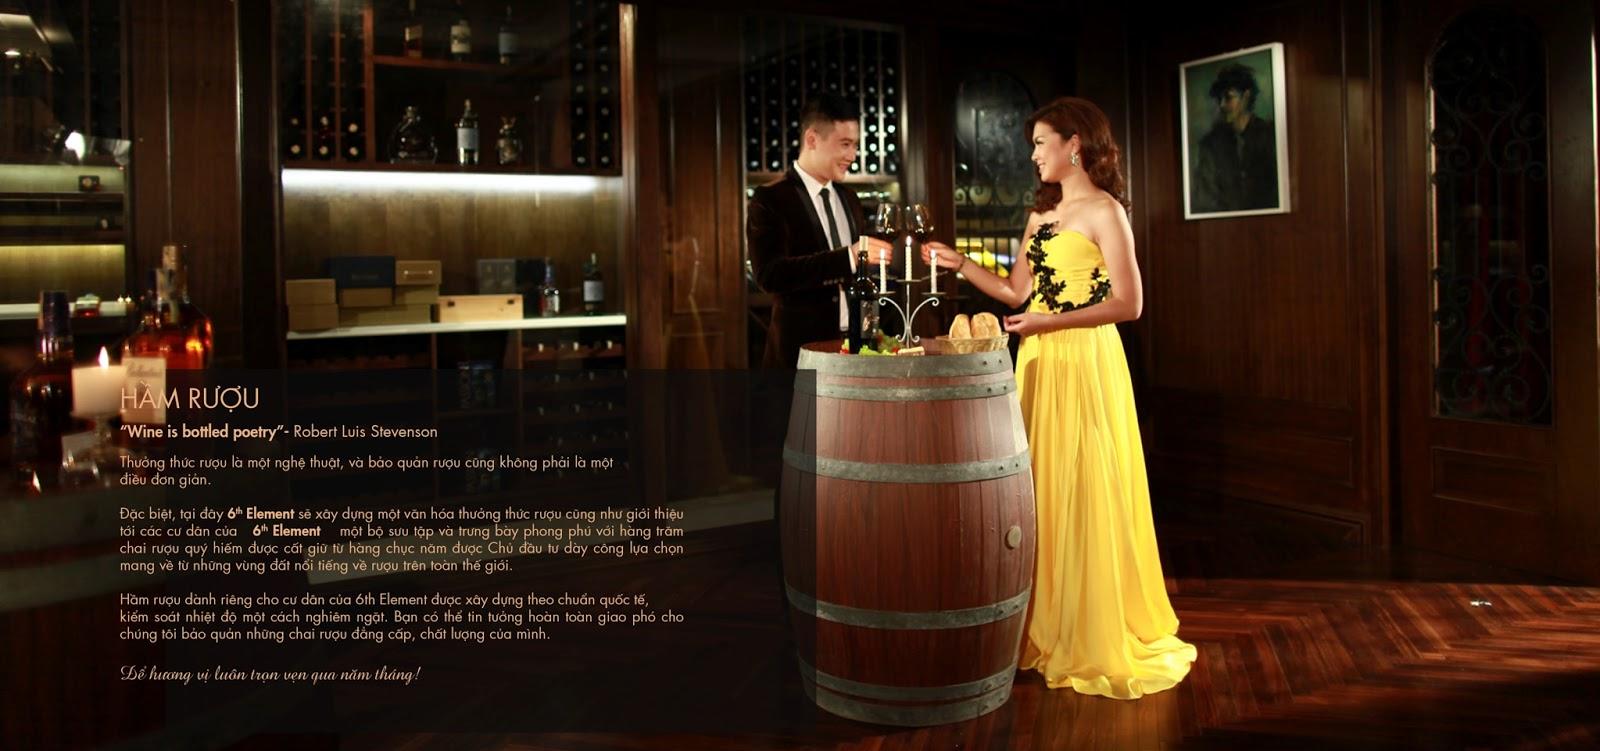 Hầm rượu là không gian thưởng thức nghệ thuật lãng mạn, yên tĩnh, riêng tư